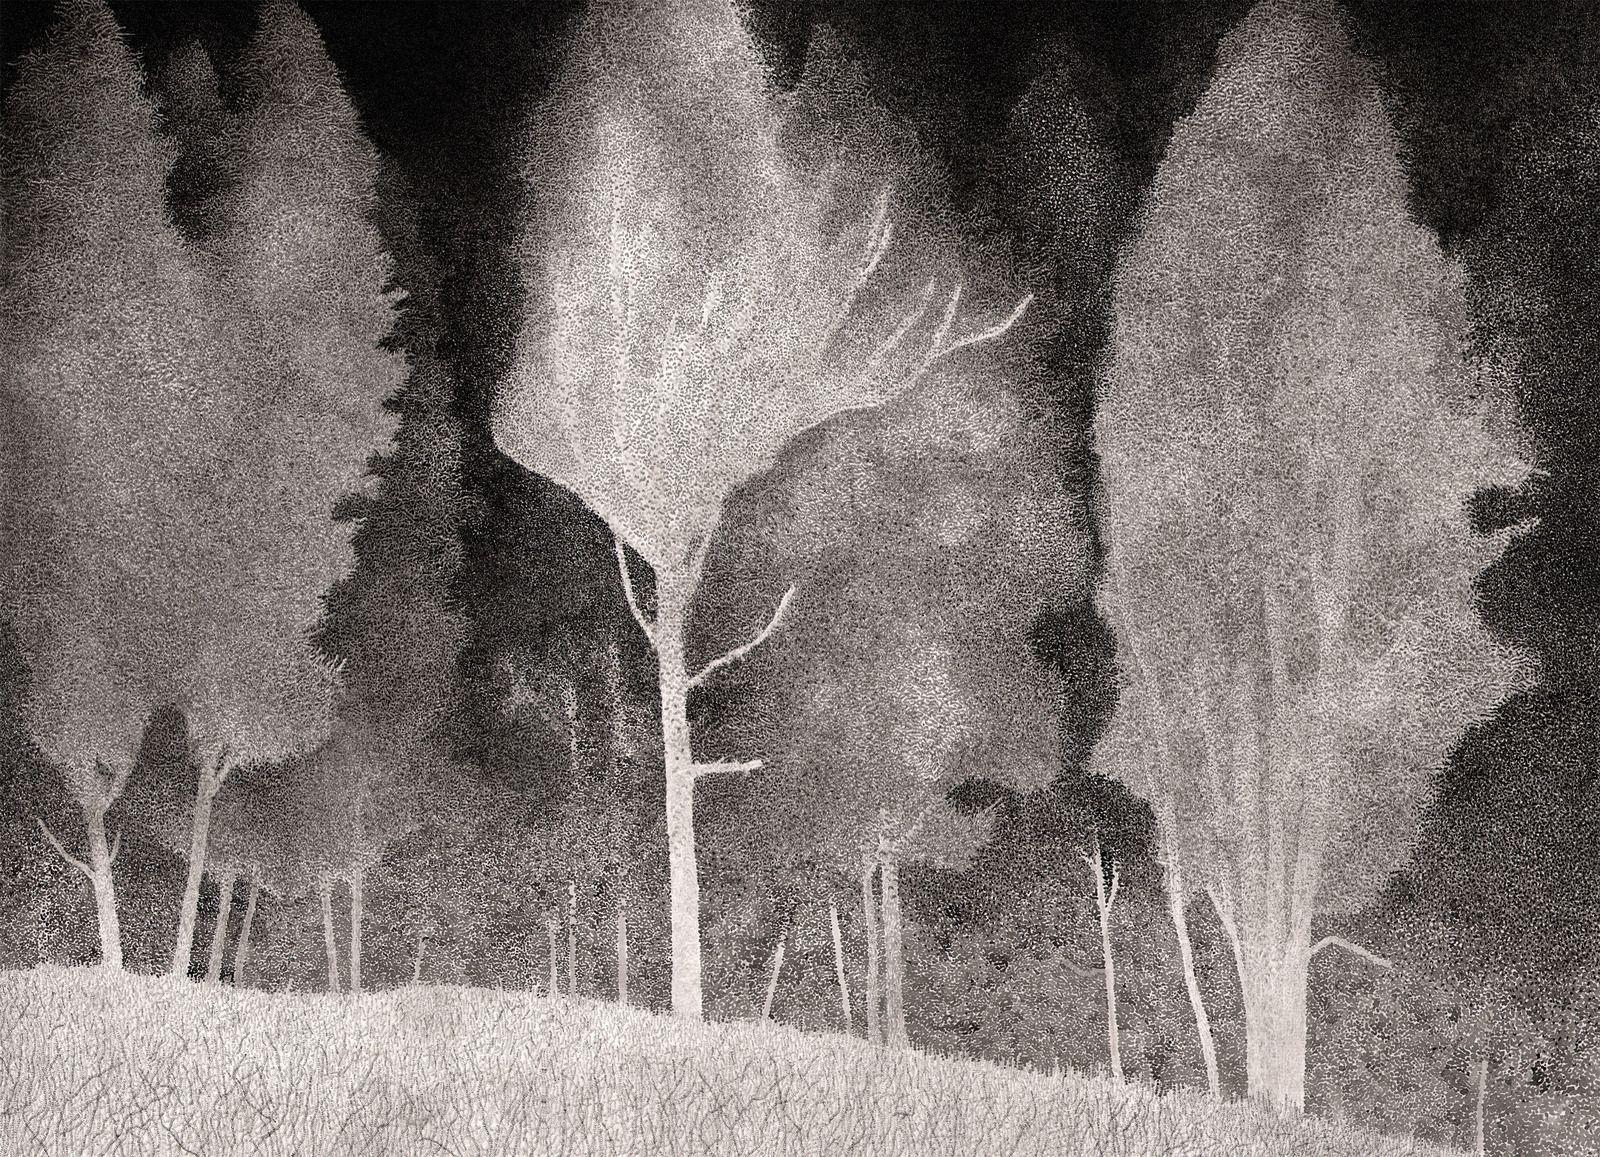 Un chant de rayons grandit la nuit et conjure un empire de poussières, 75 x 55cm, 2019